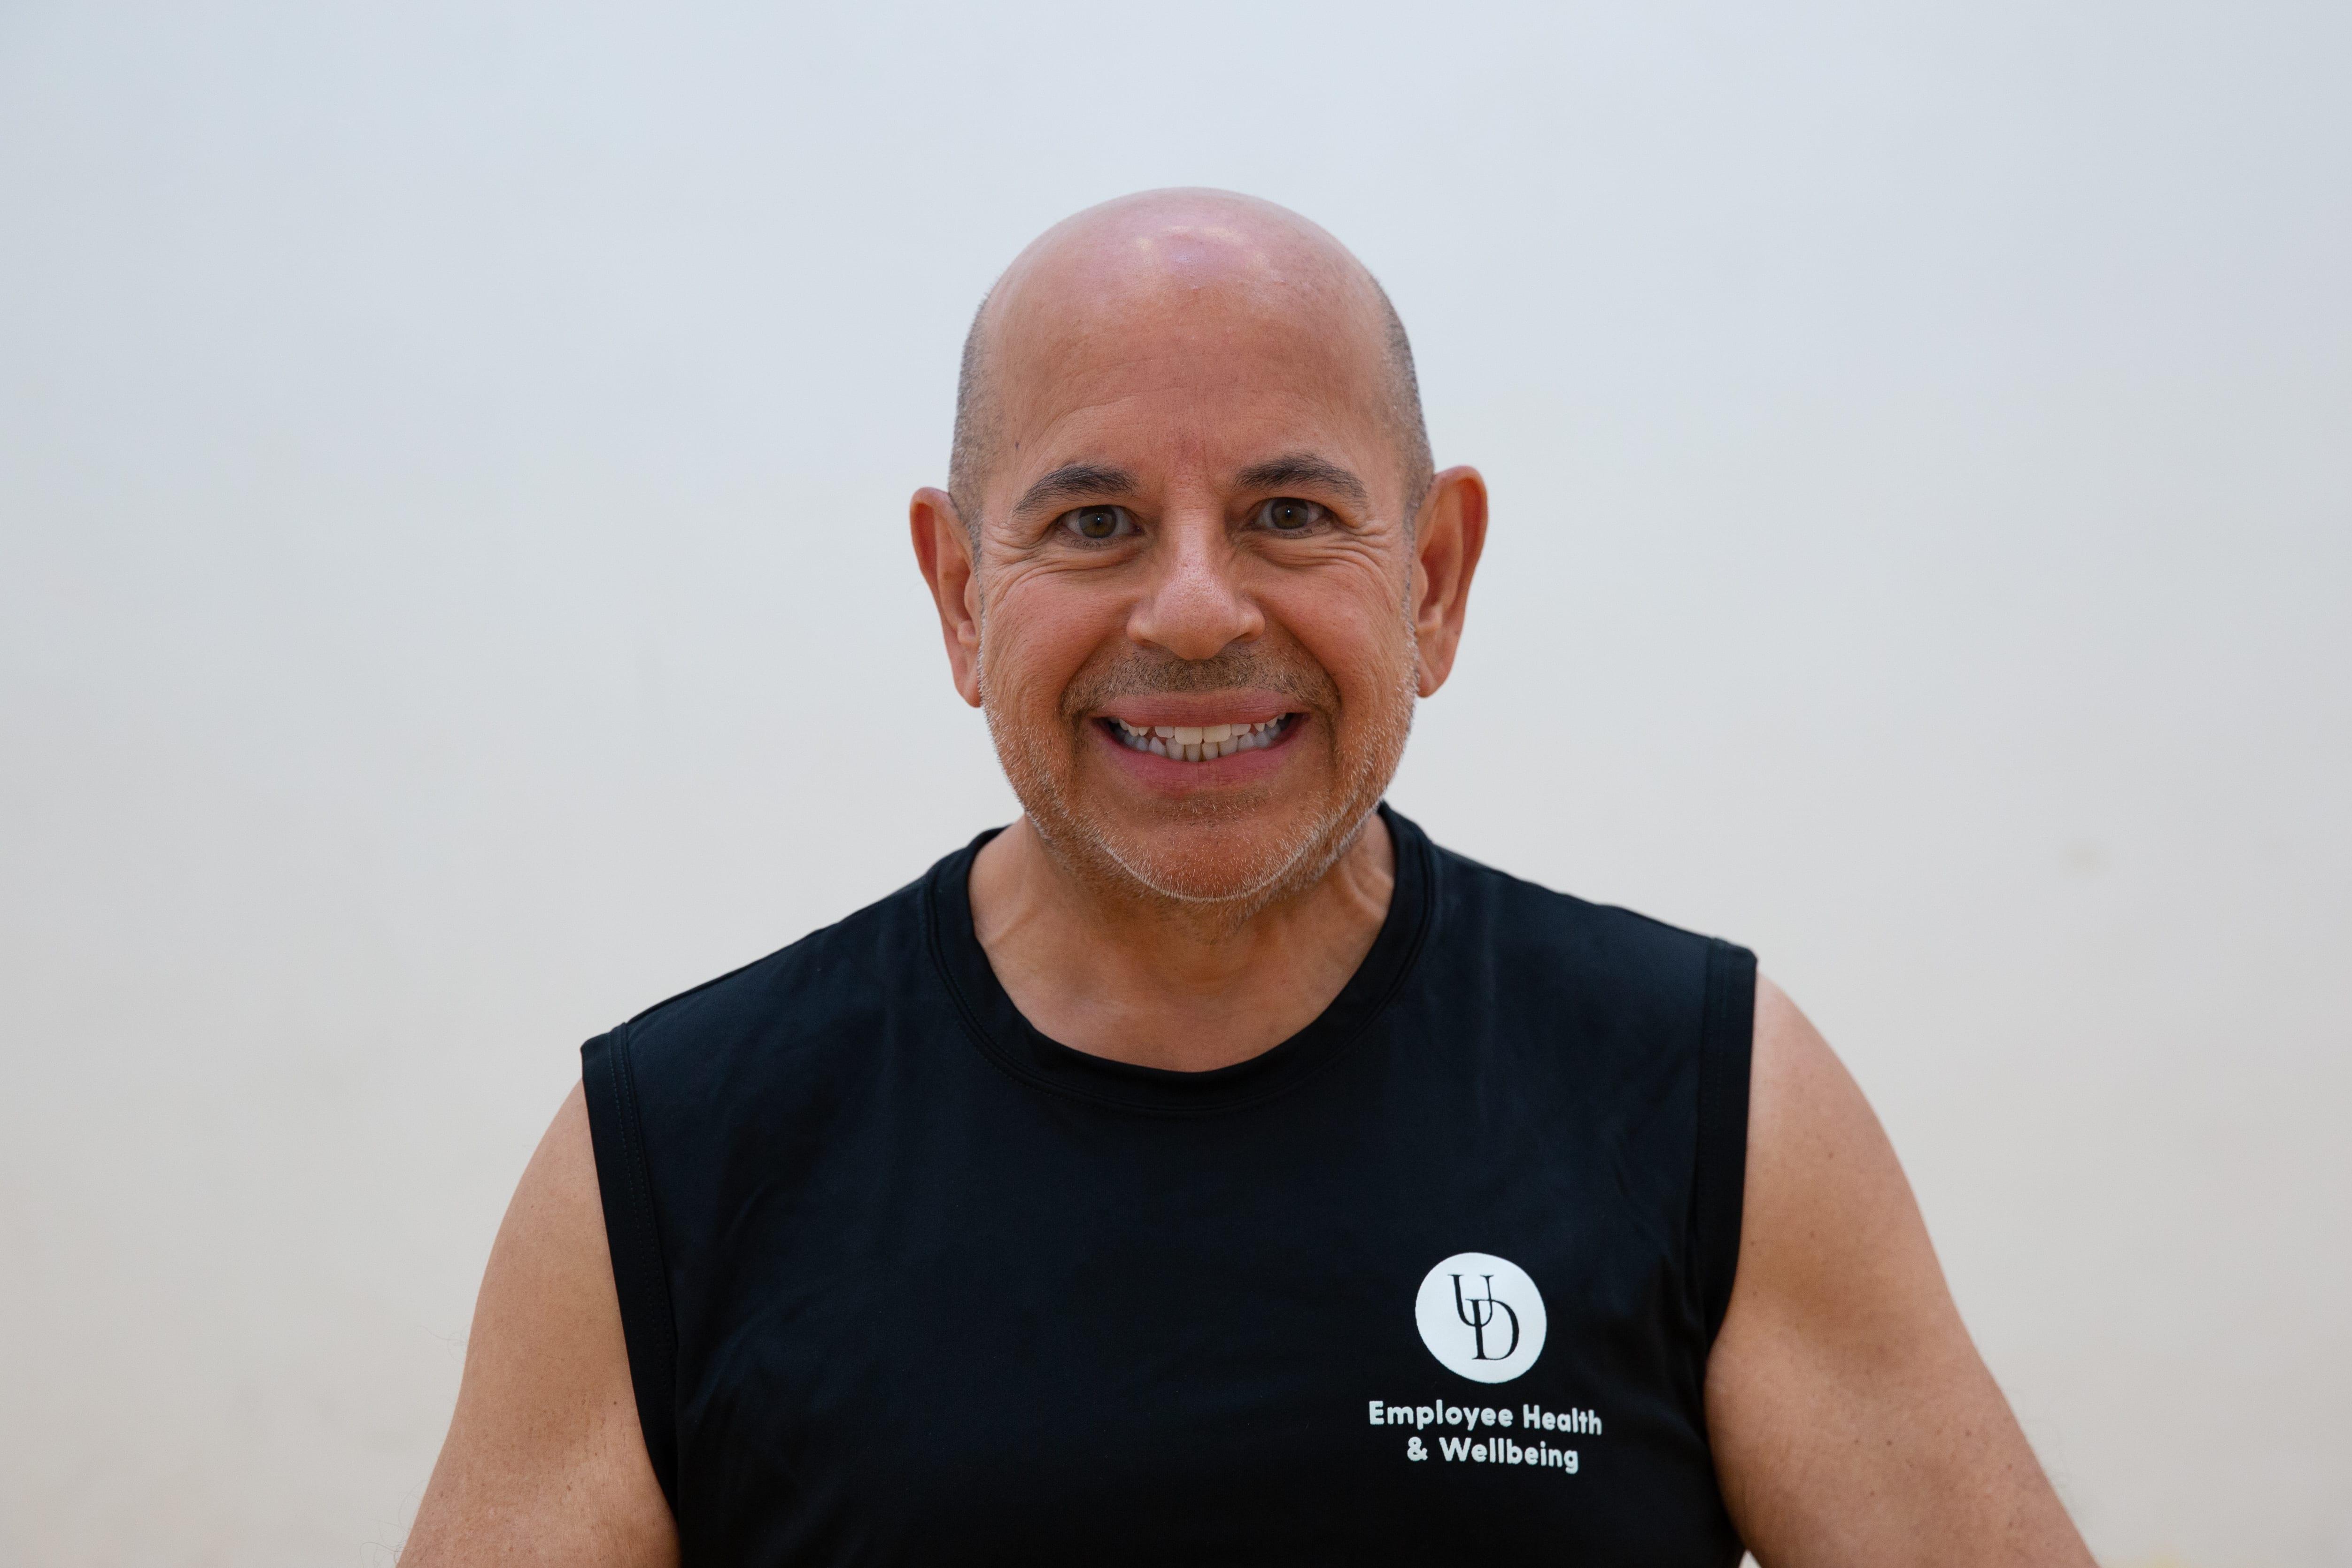 Ricardo Narvaez